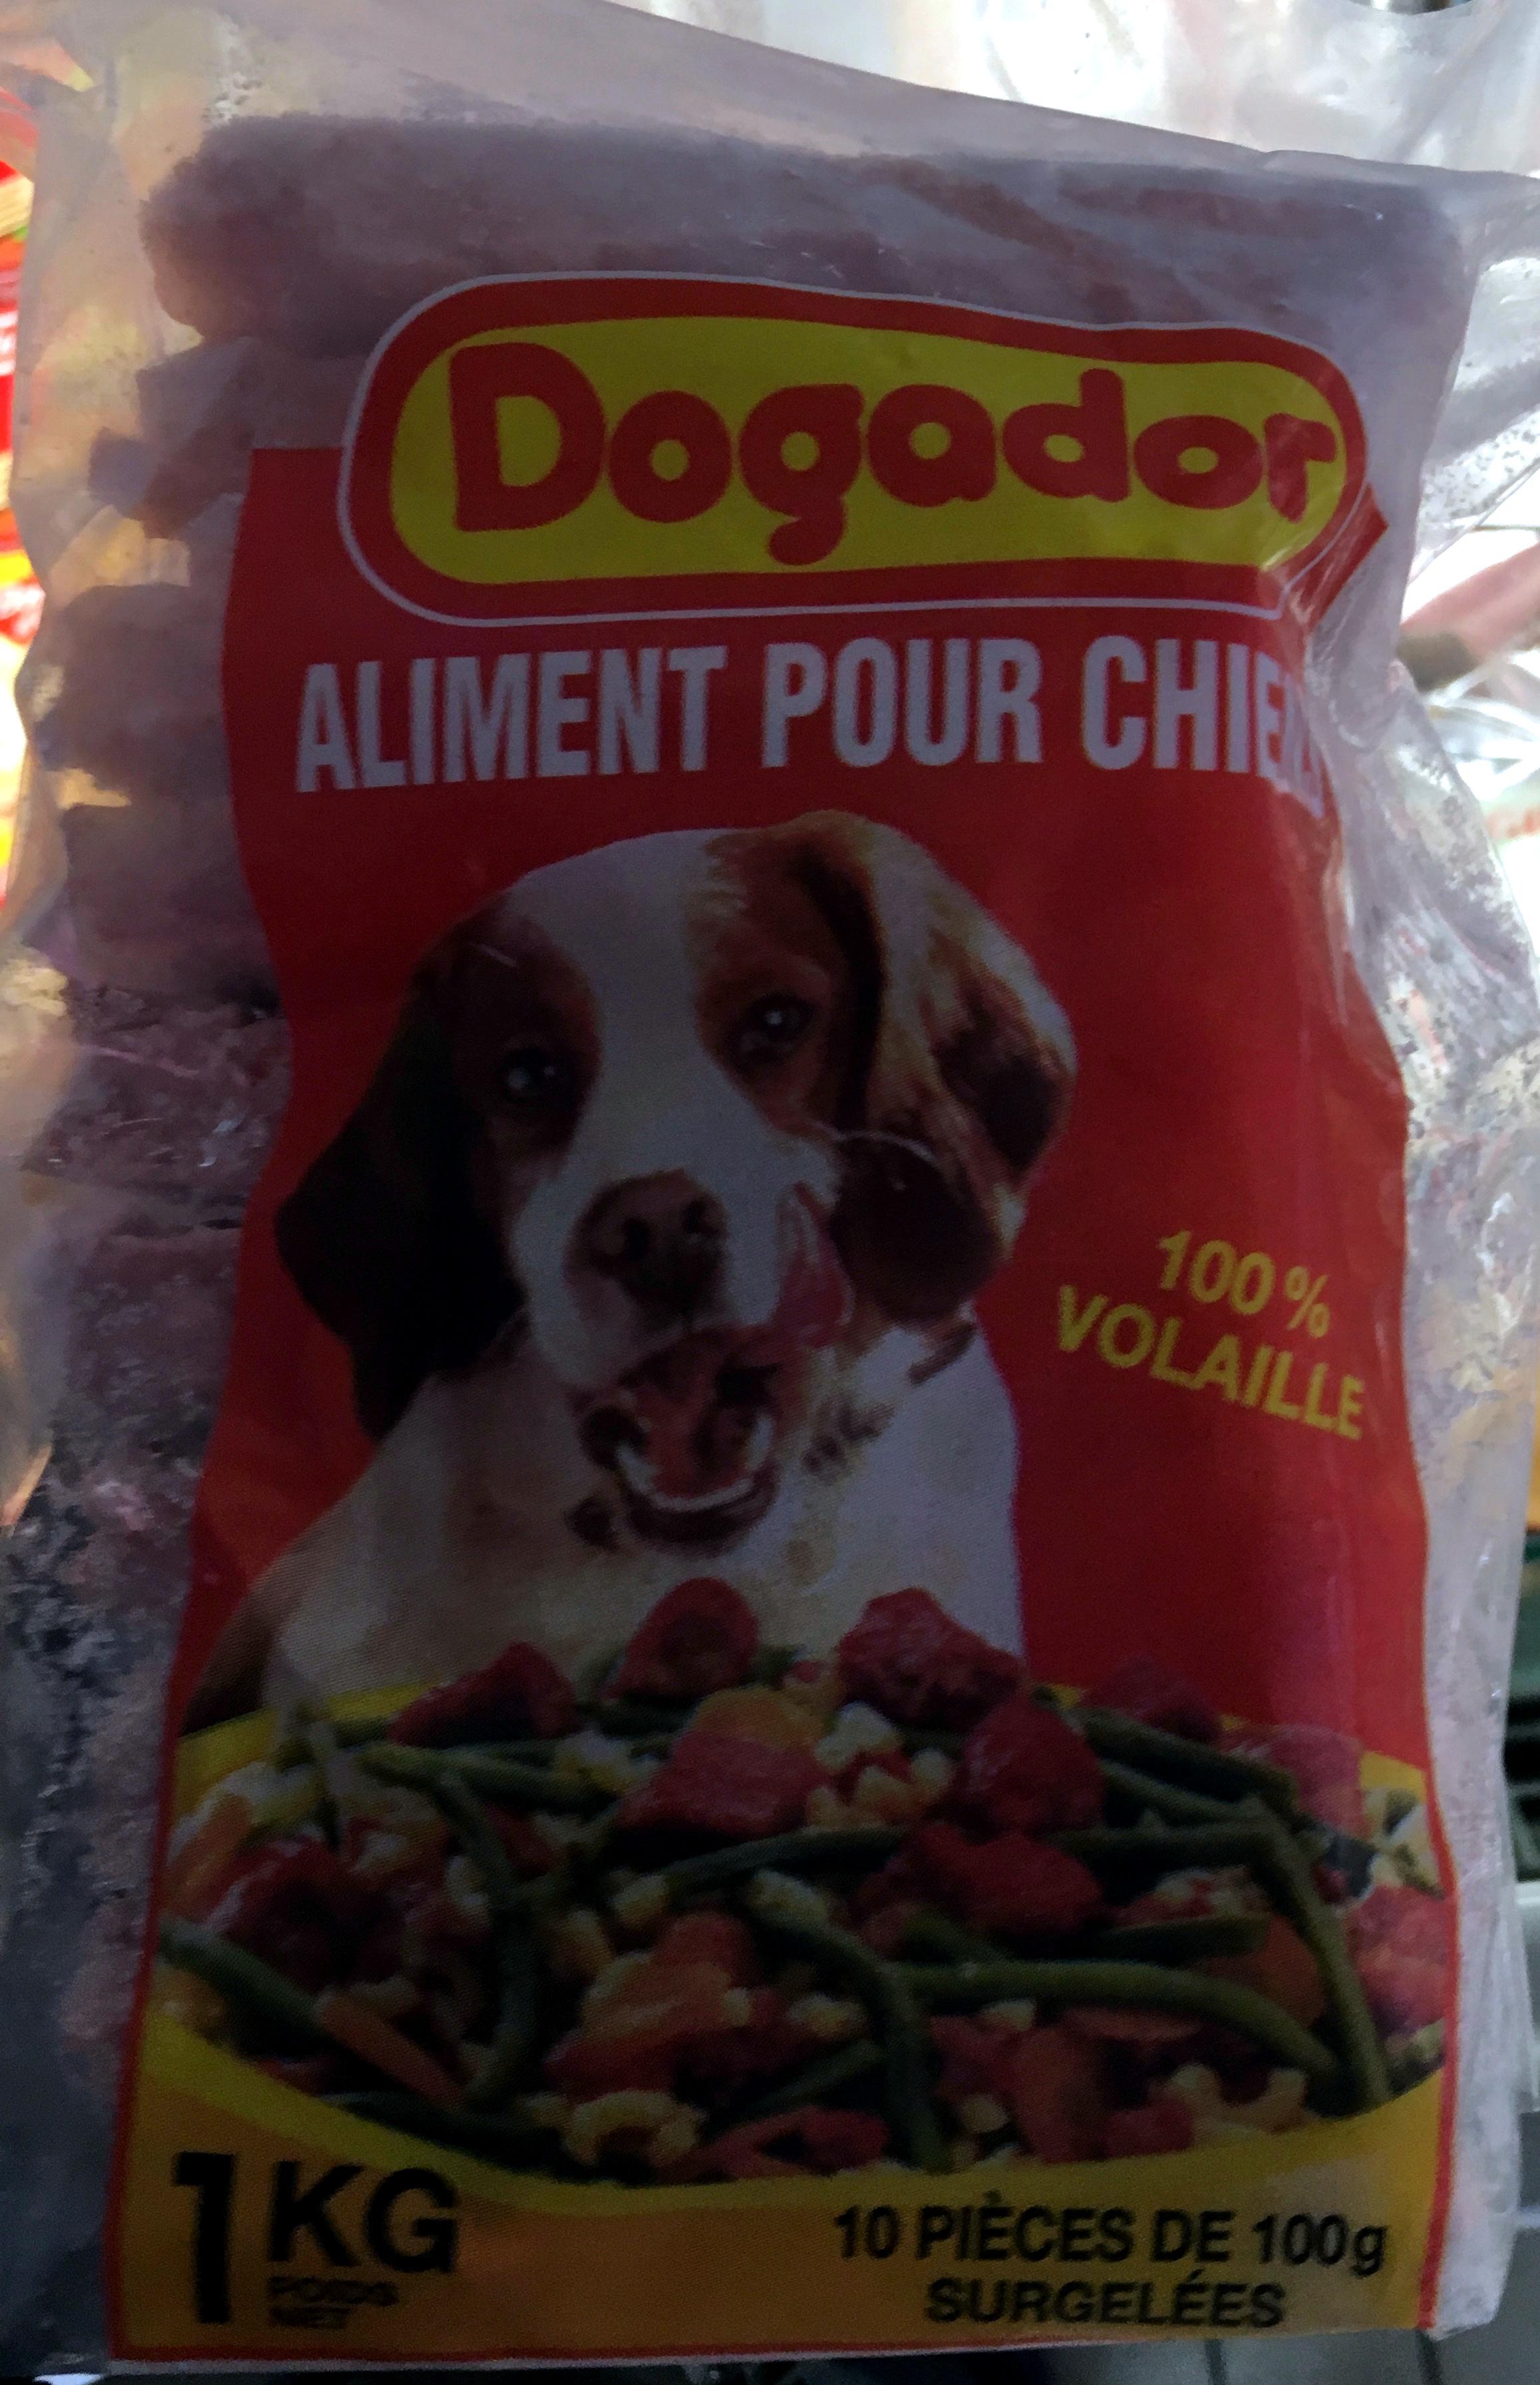 Aliment pour chien 100% volaille - Product - fr